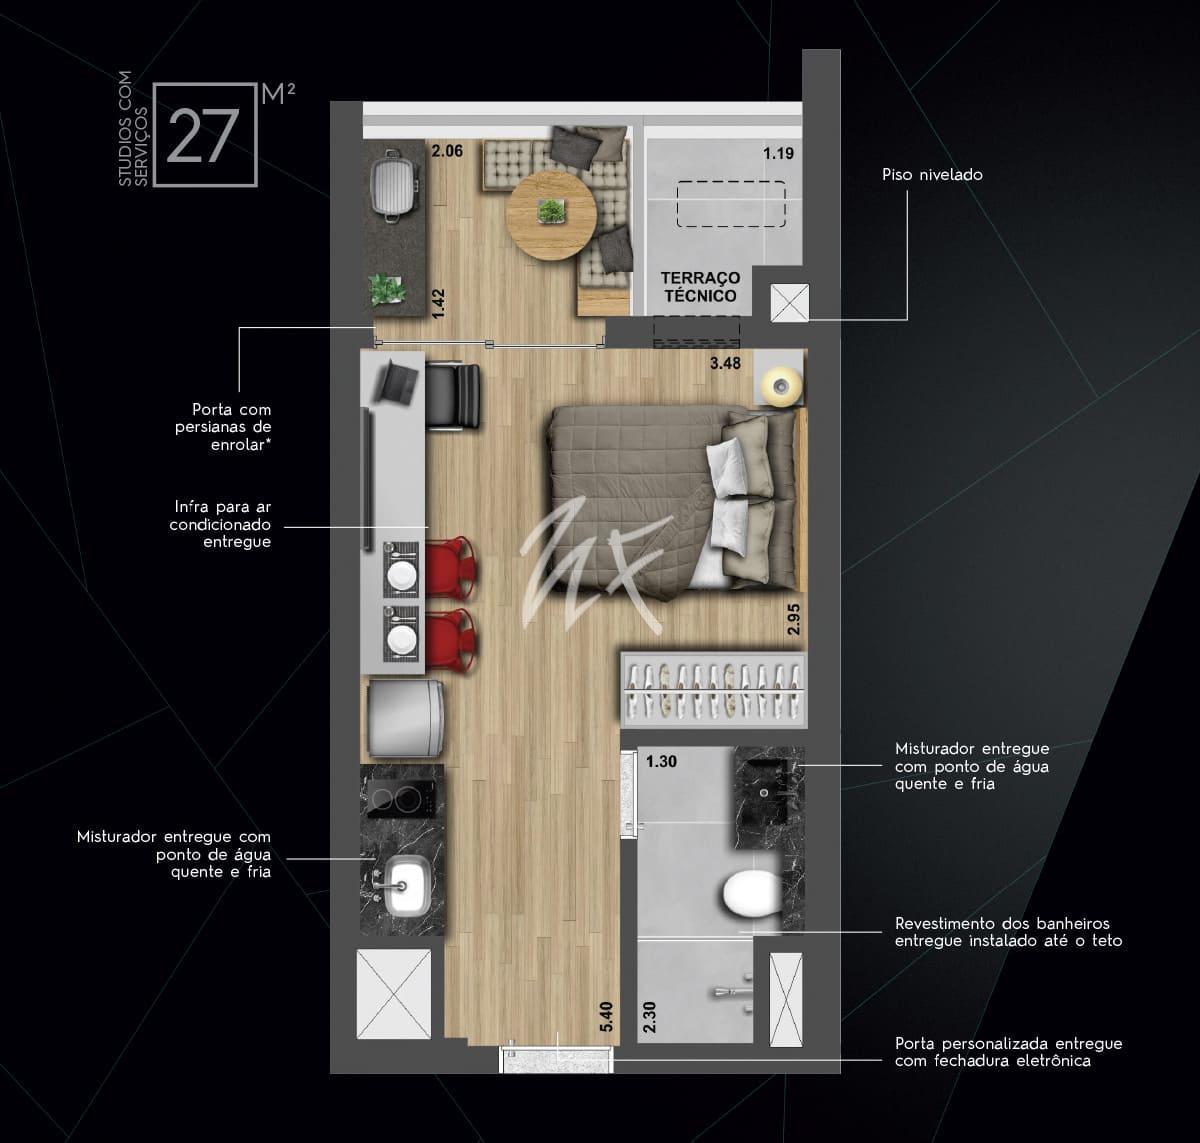 27 m² - Studio